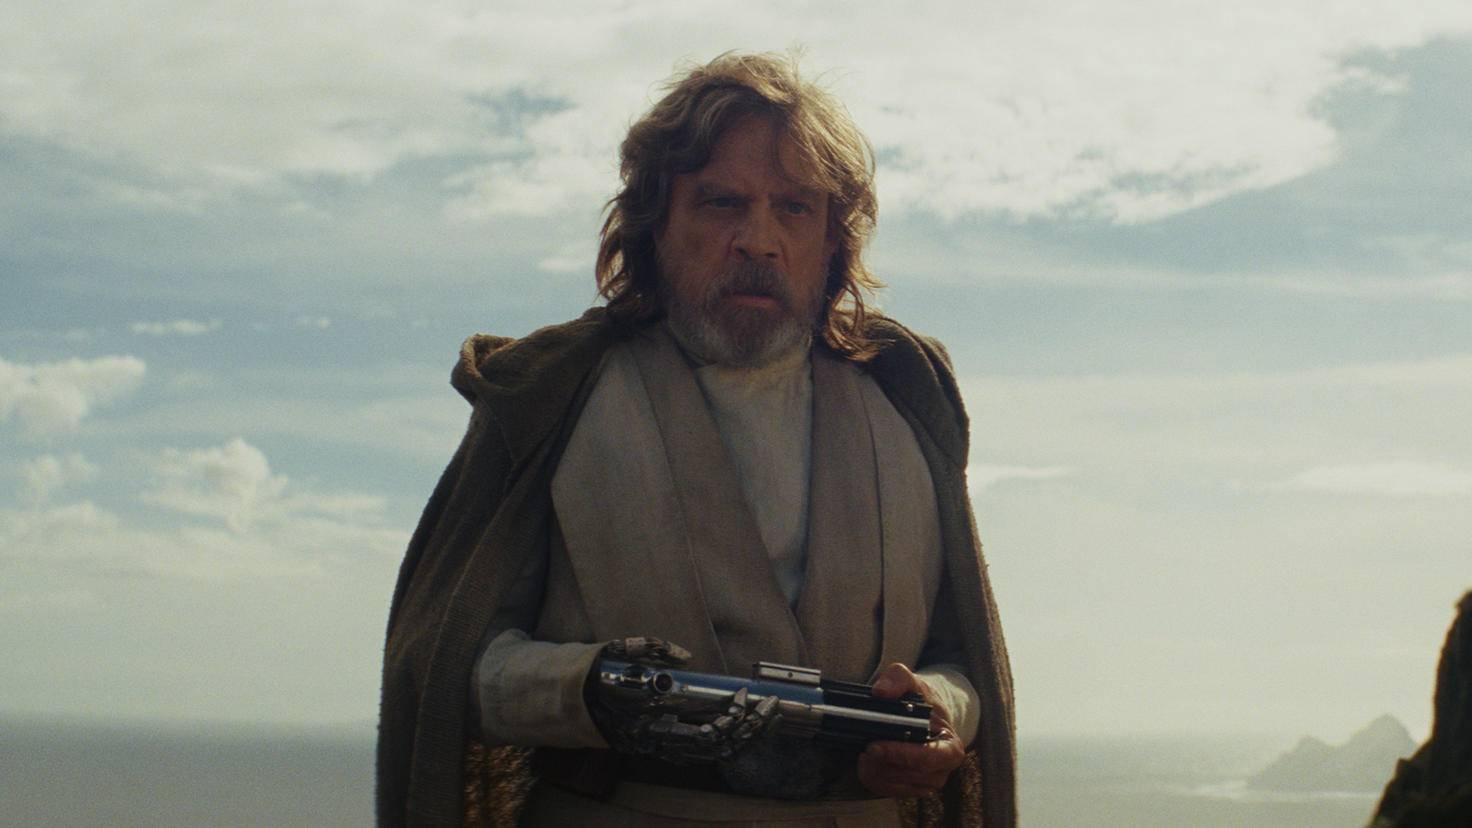 Doch Rey fand ihn und brachte ihm sein Lichtschwert zurück.